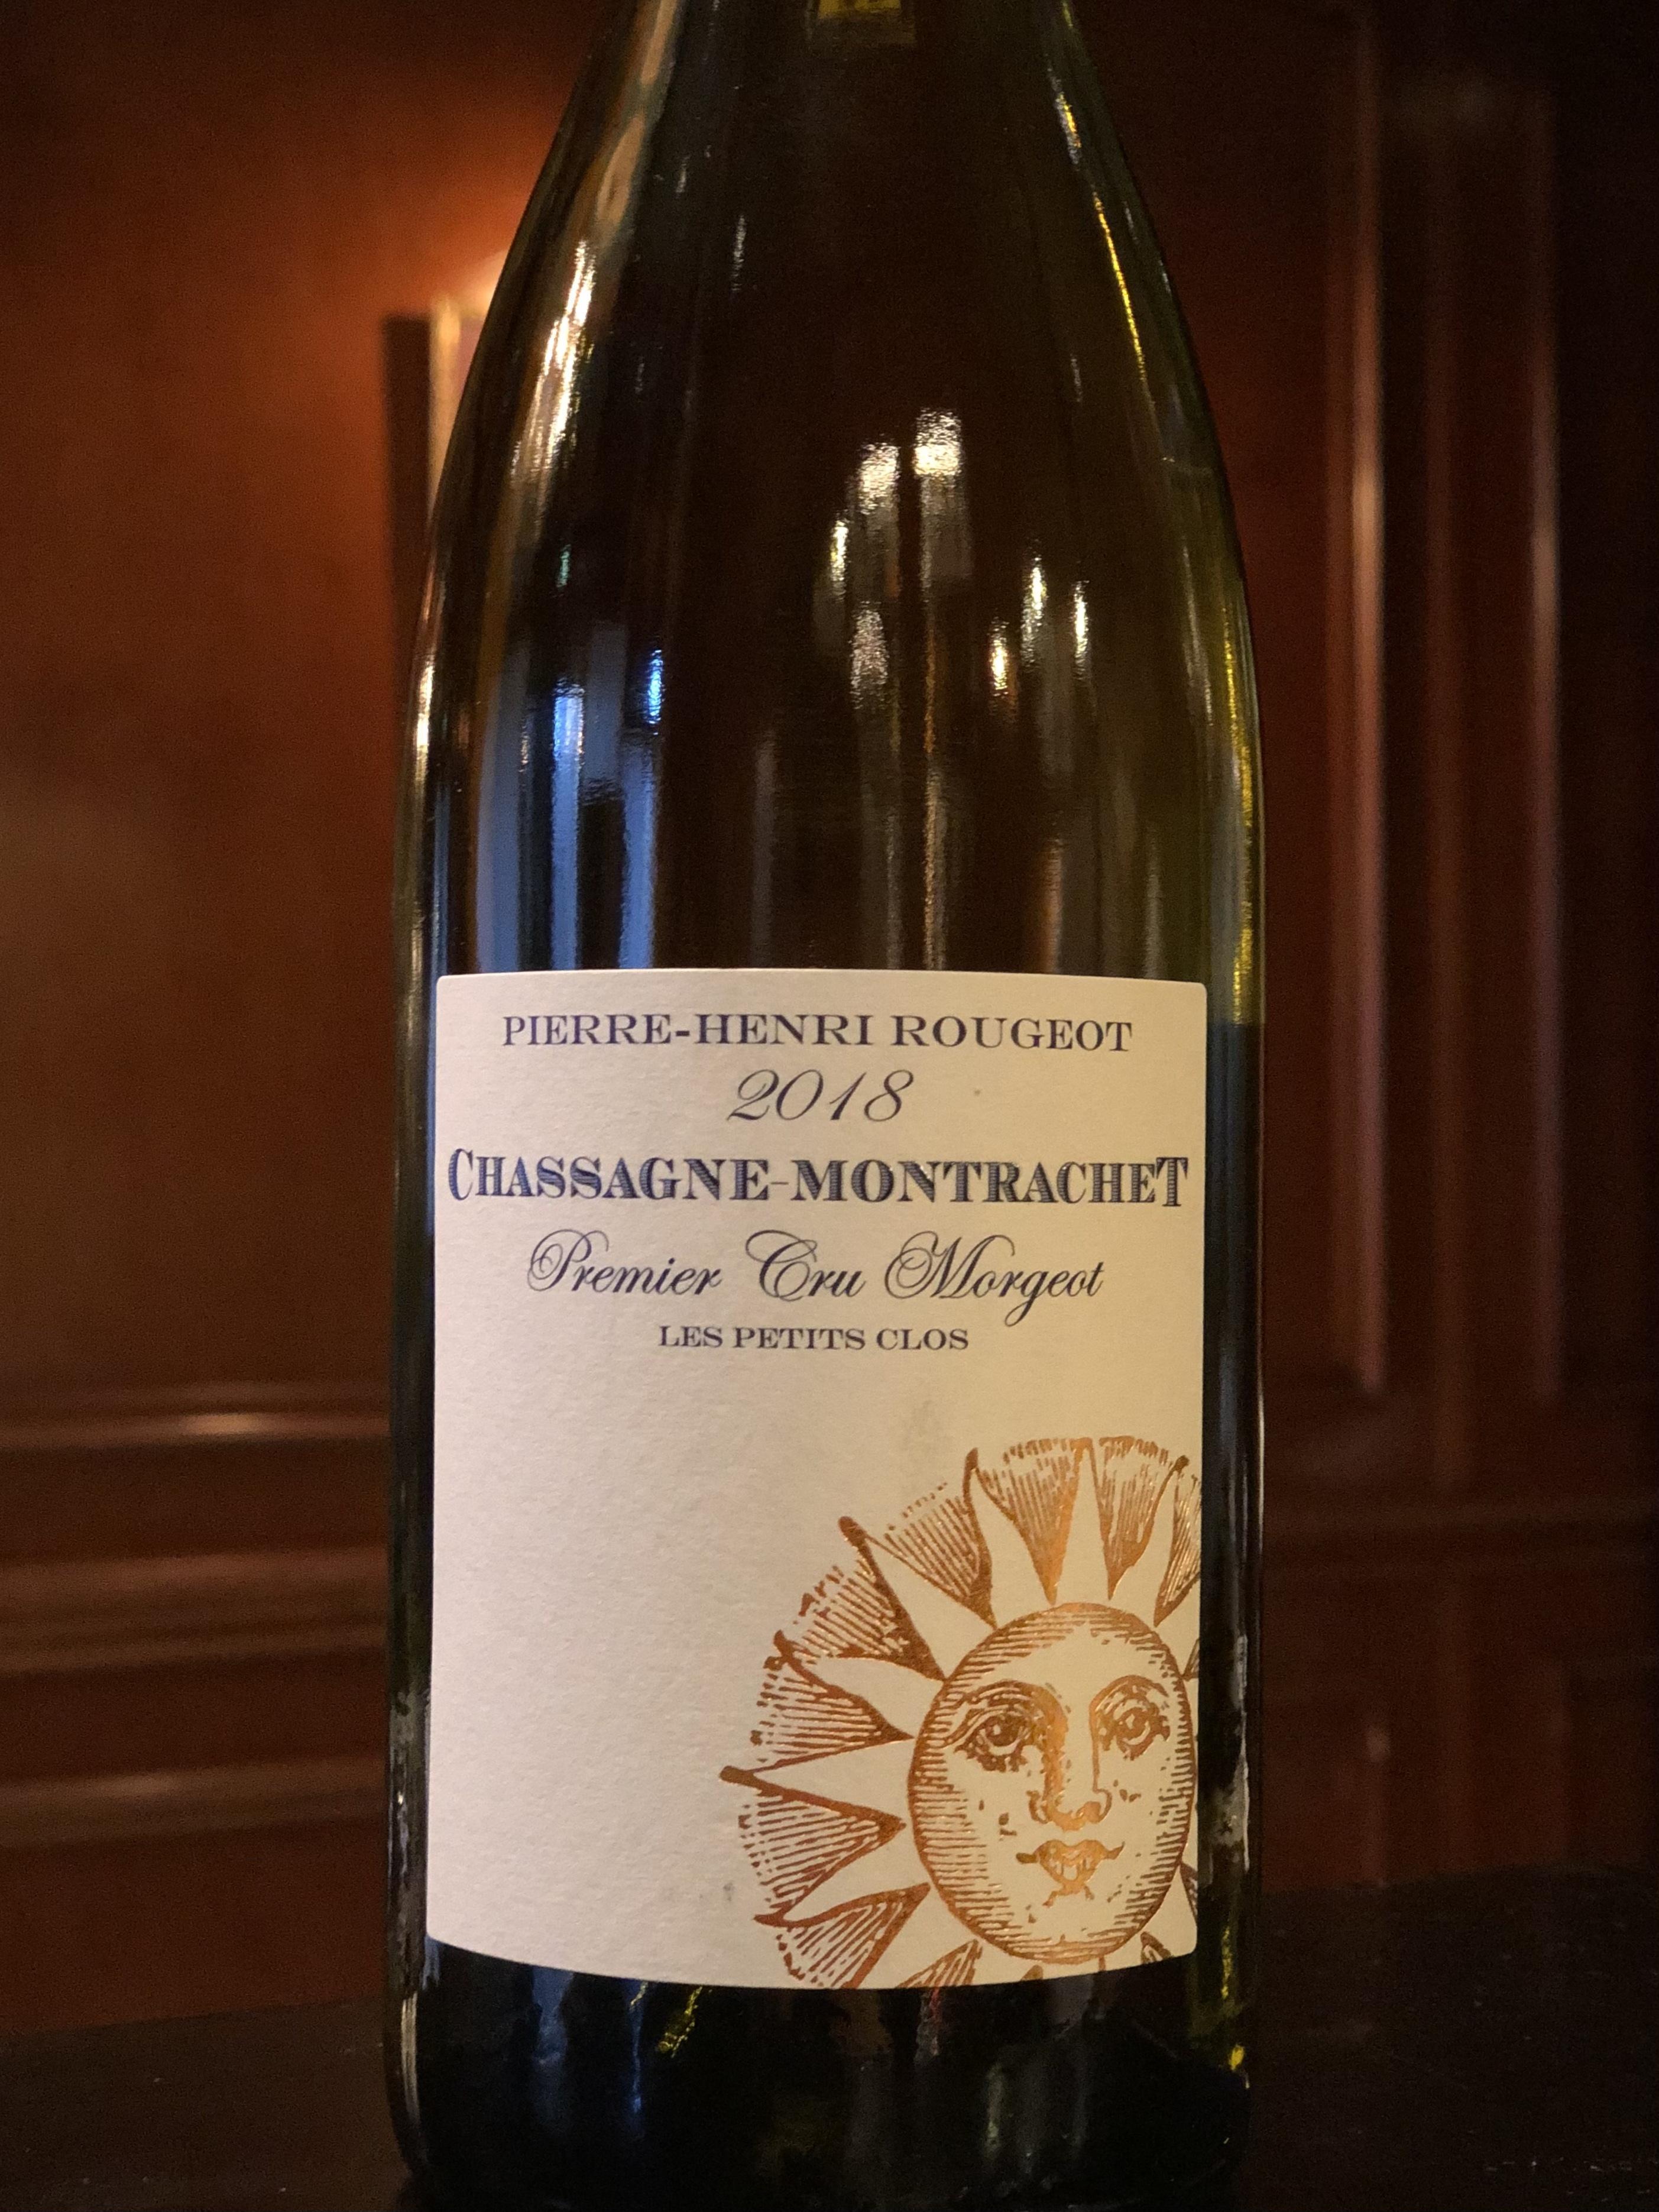 2018年 シャサーニュモンラッシェ プルミエクリュ モルジョPierre Henri Rougeot 白ワイン